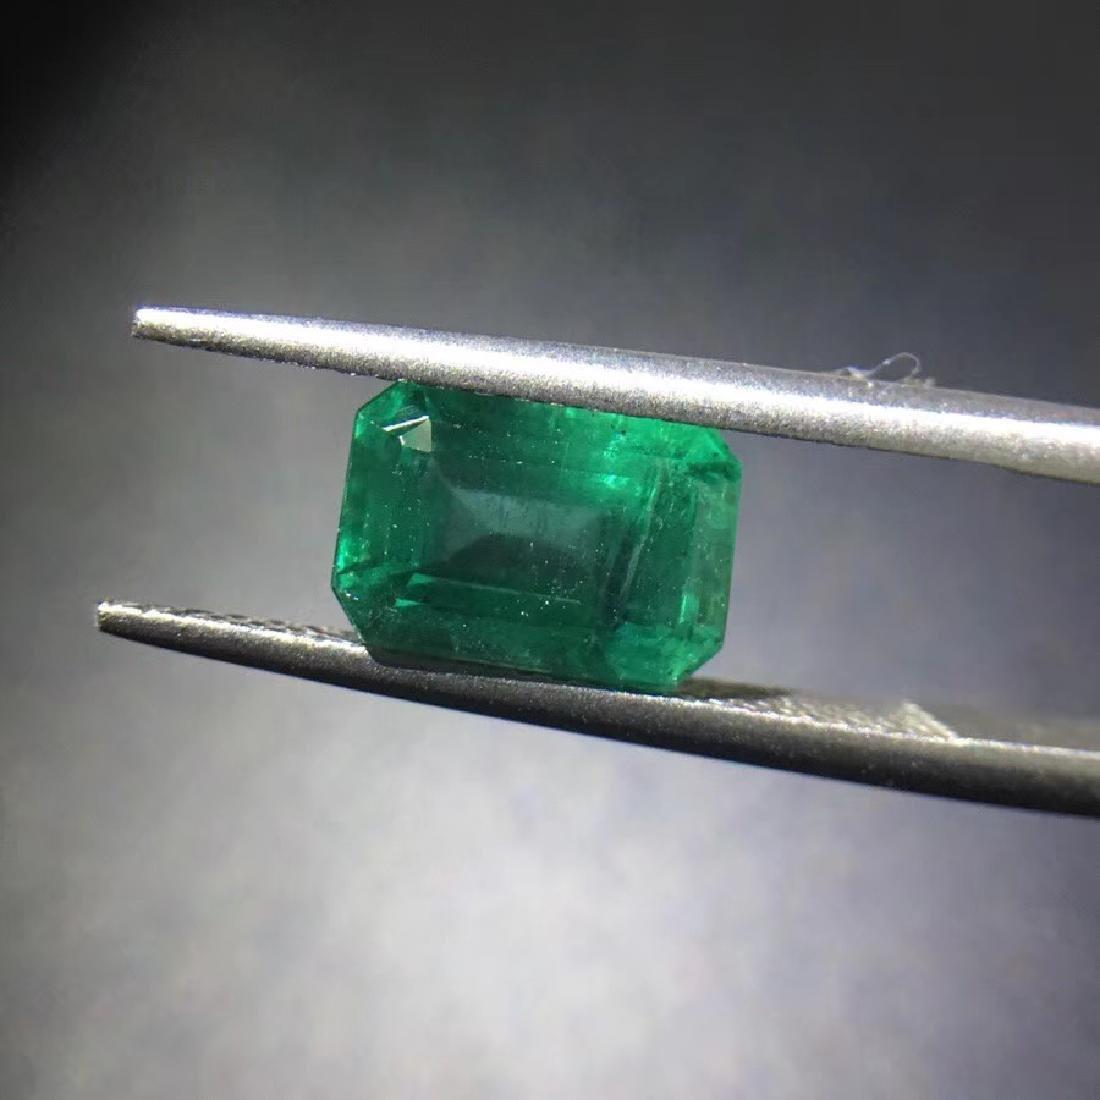 2.49 ct Emerald 6.2*8.9*5.6 mm Emerald Cut